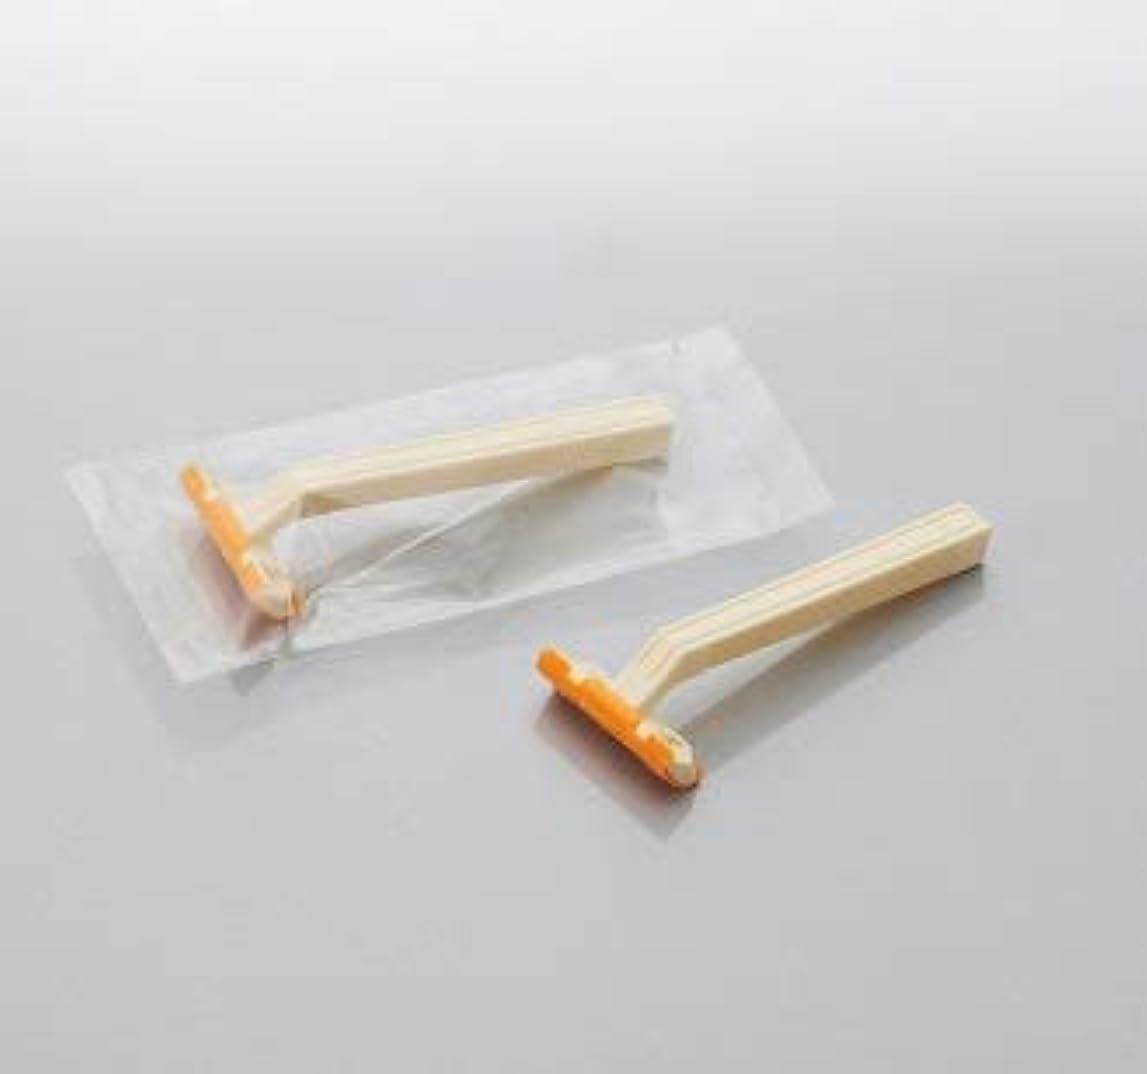 独裁シェトランド諸島味付けカミソリ アメニティロード2 固定式2枚刃2000本 透明OP袋入 daito